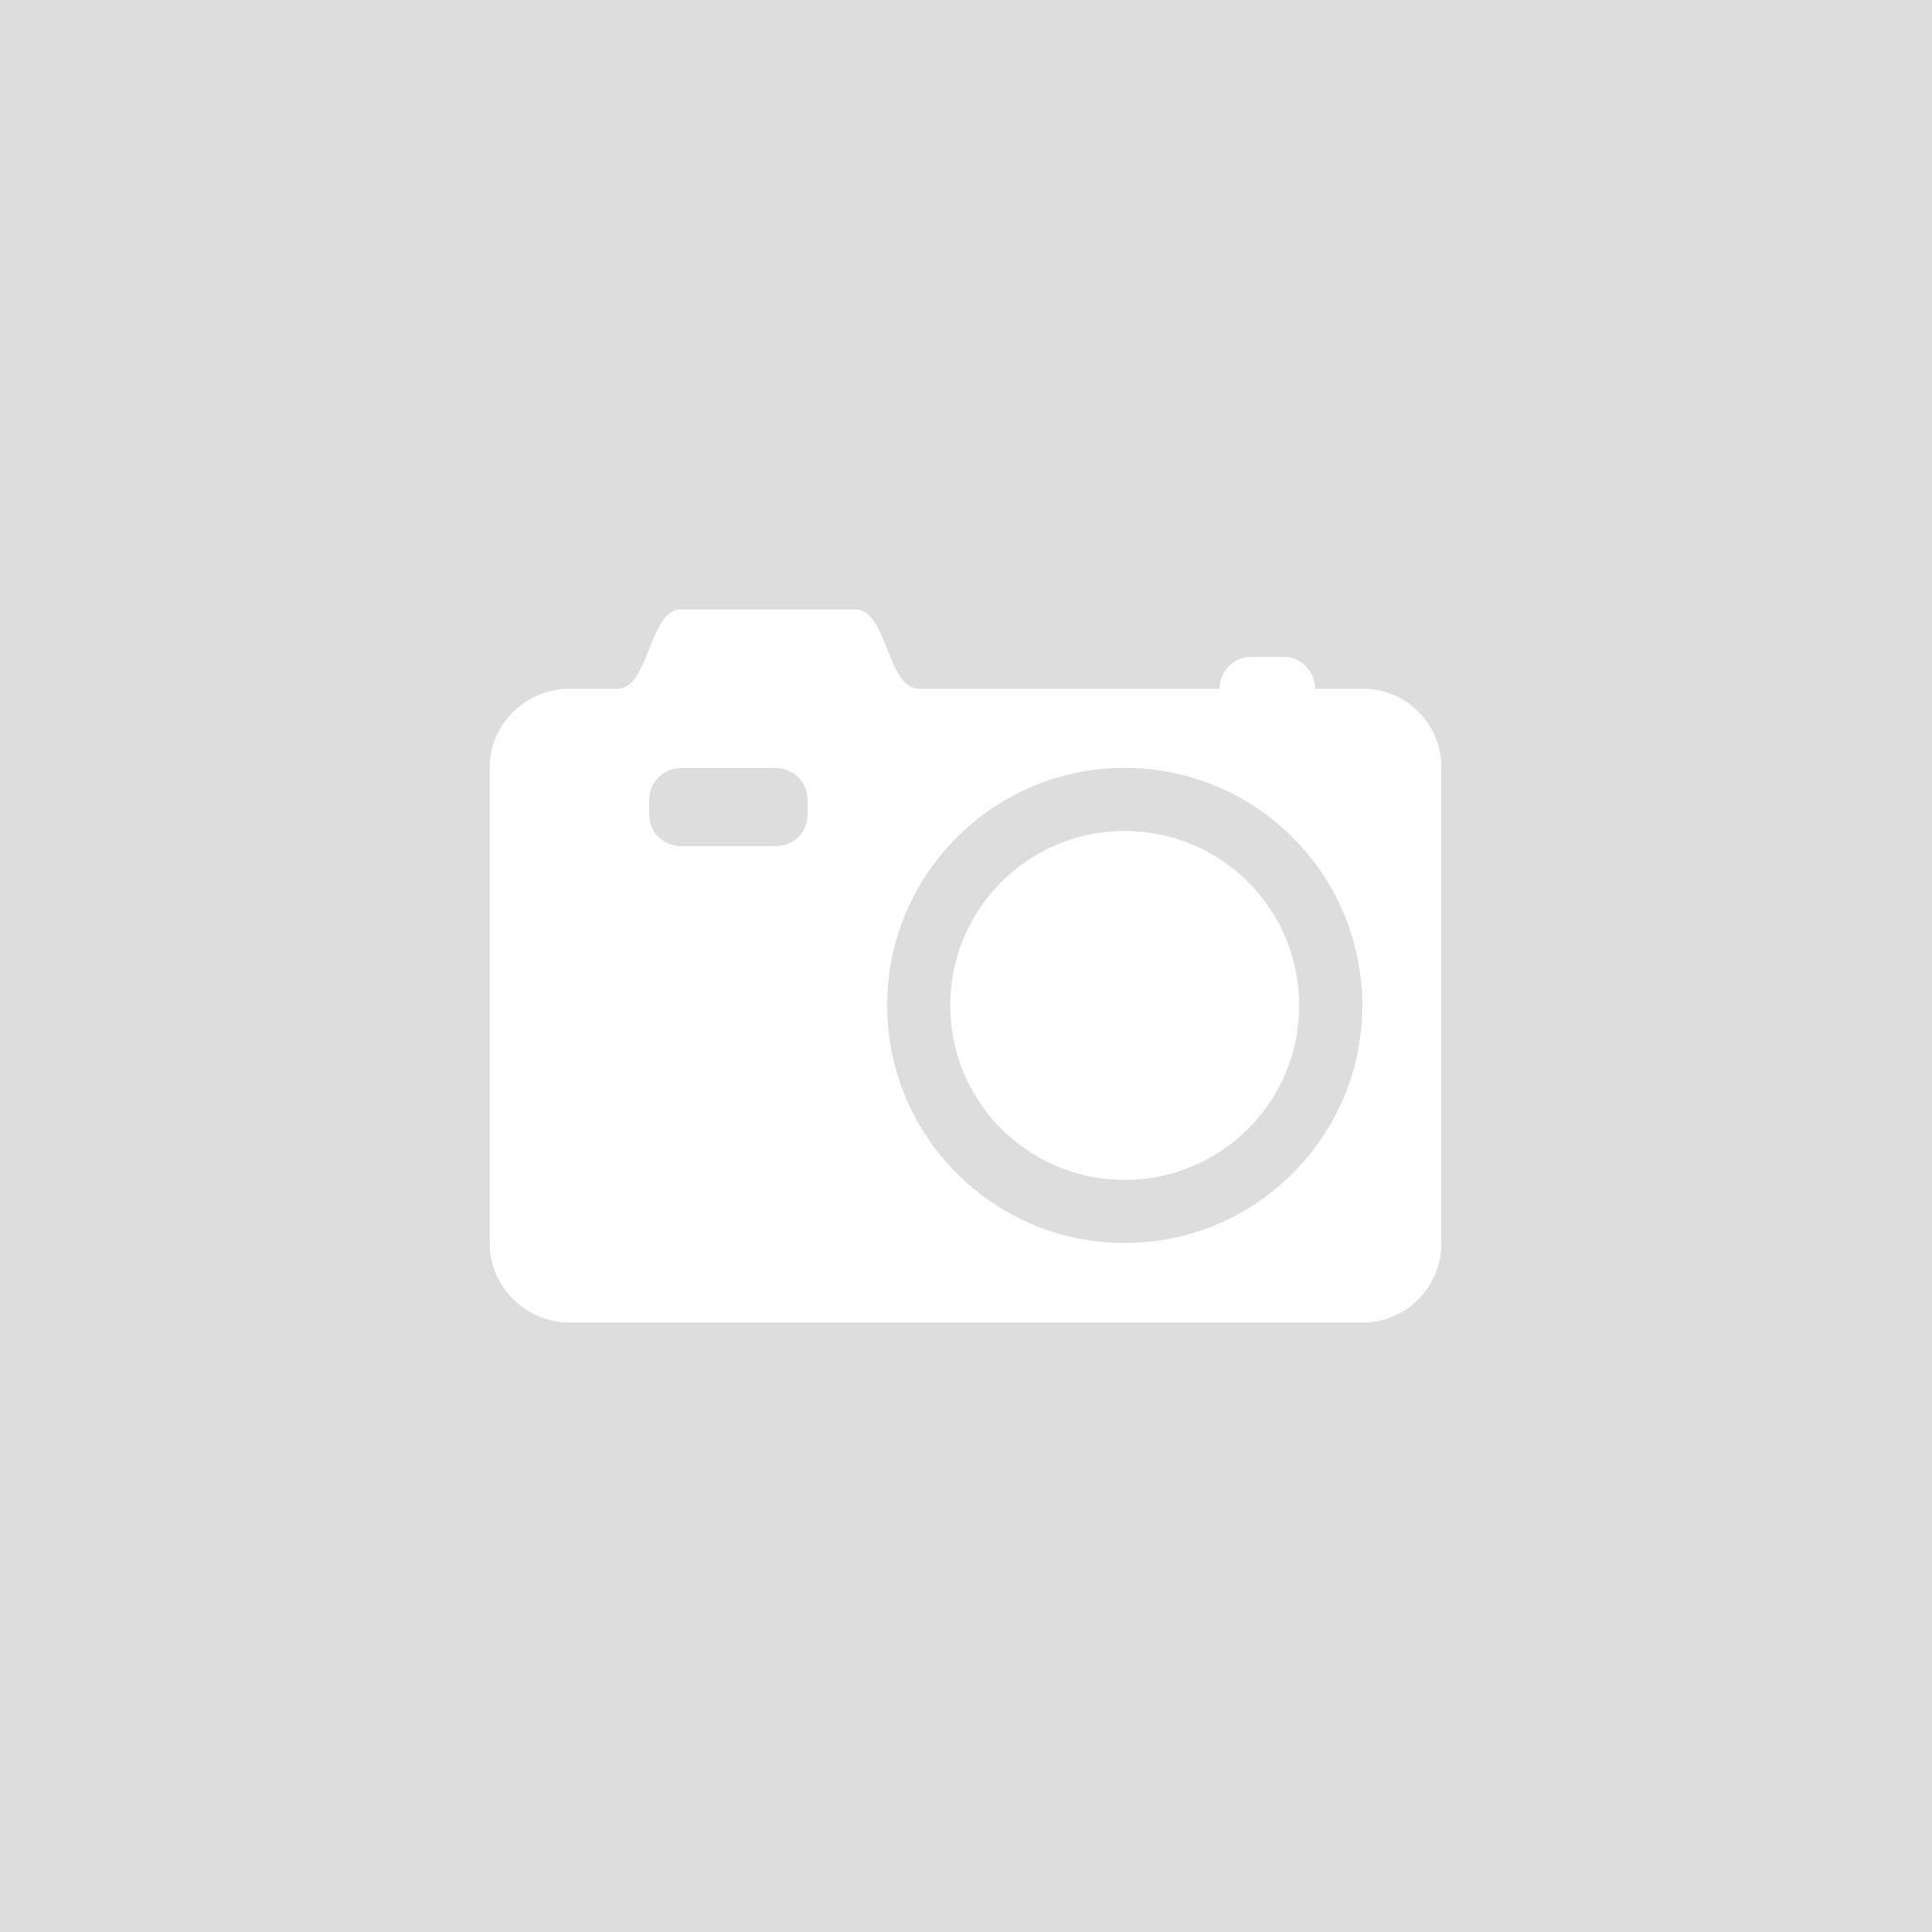 Allegretto Daisy Grasses White / Silver Wallpaper by Rasch 790900